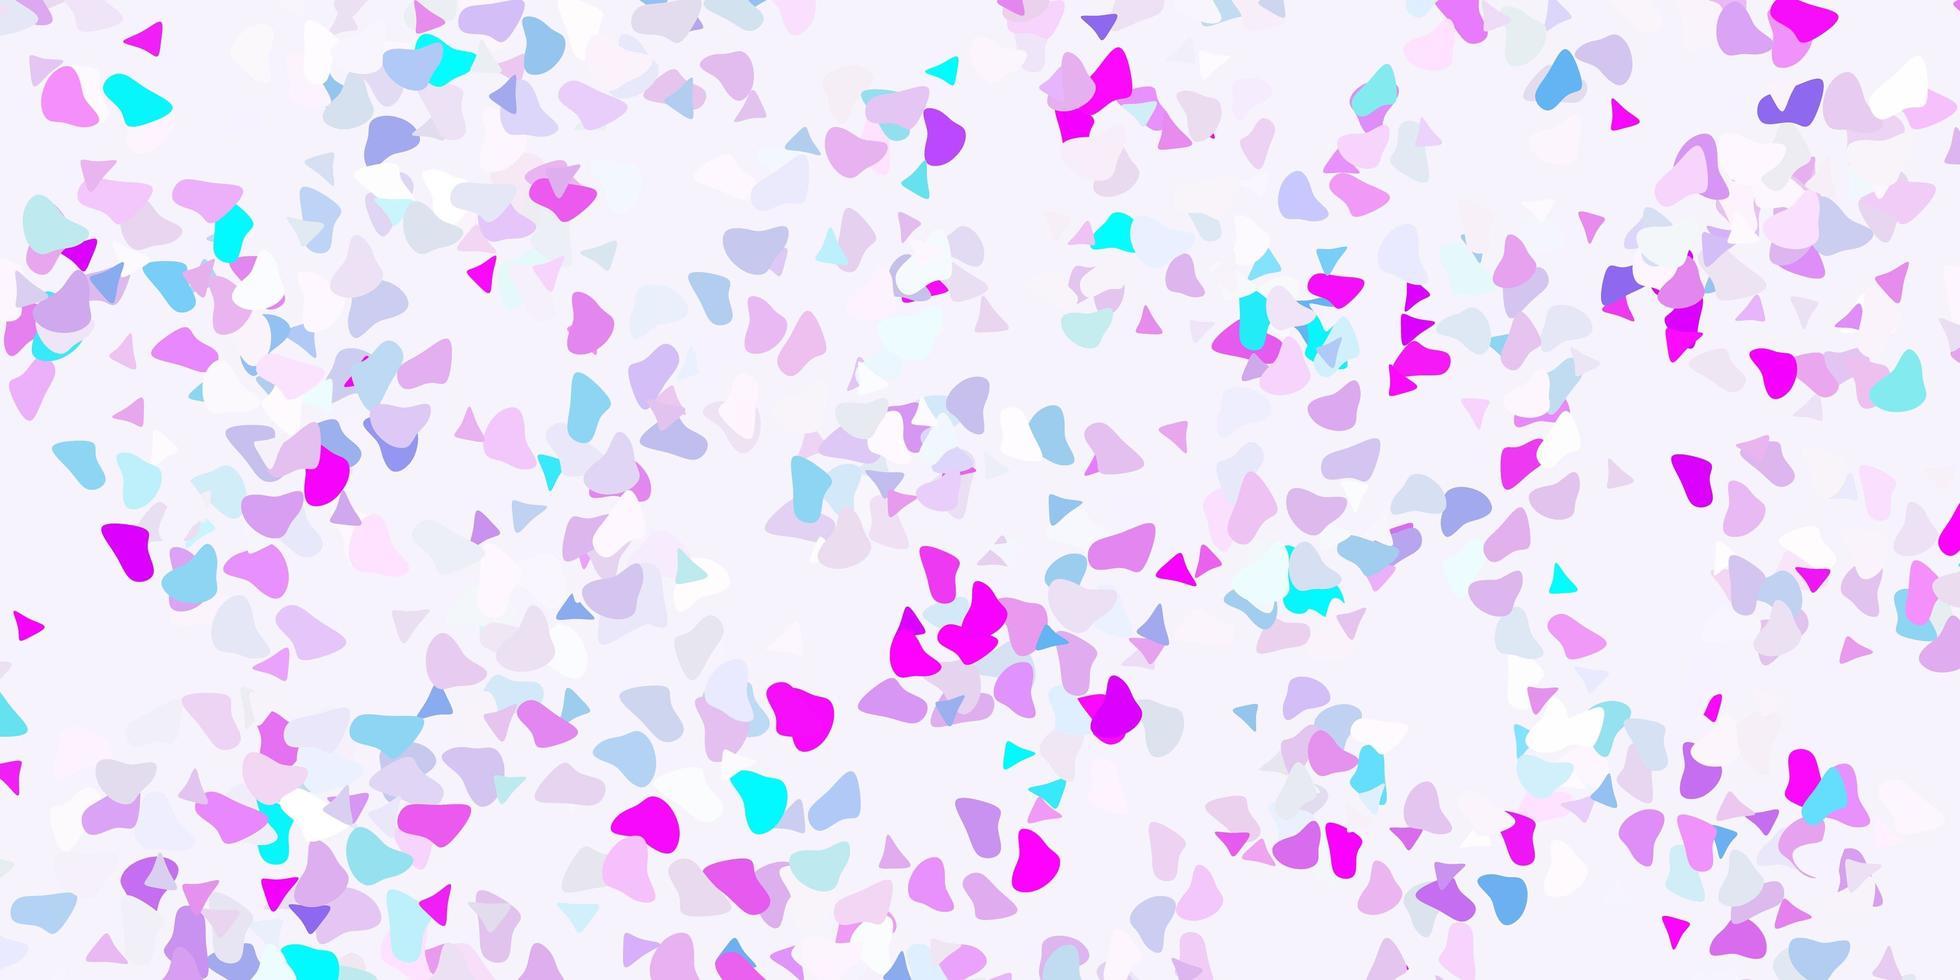 ljusrosa, blå vektorbakgrund med kaotiska former. vektor